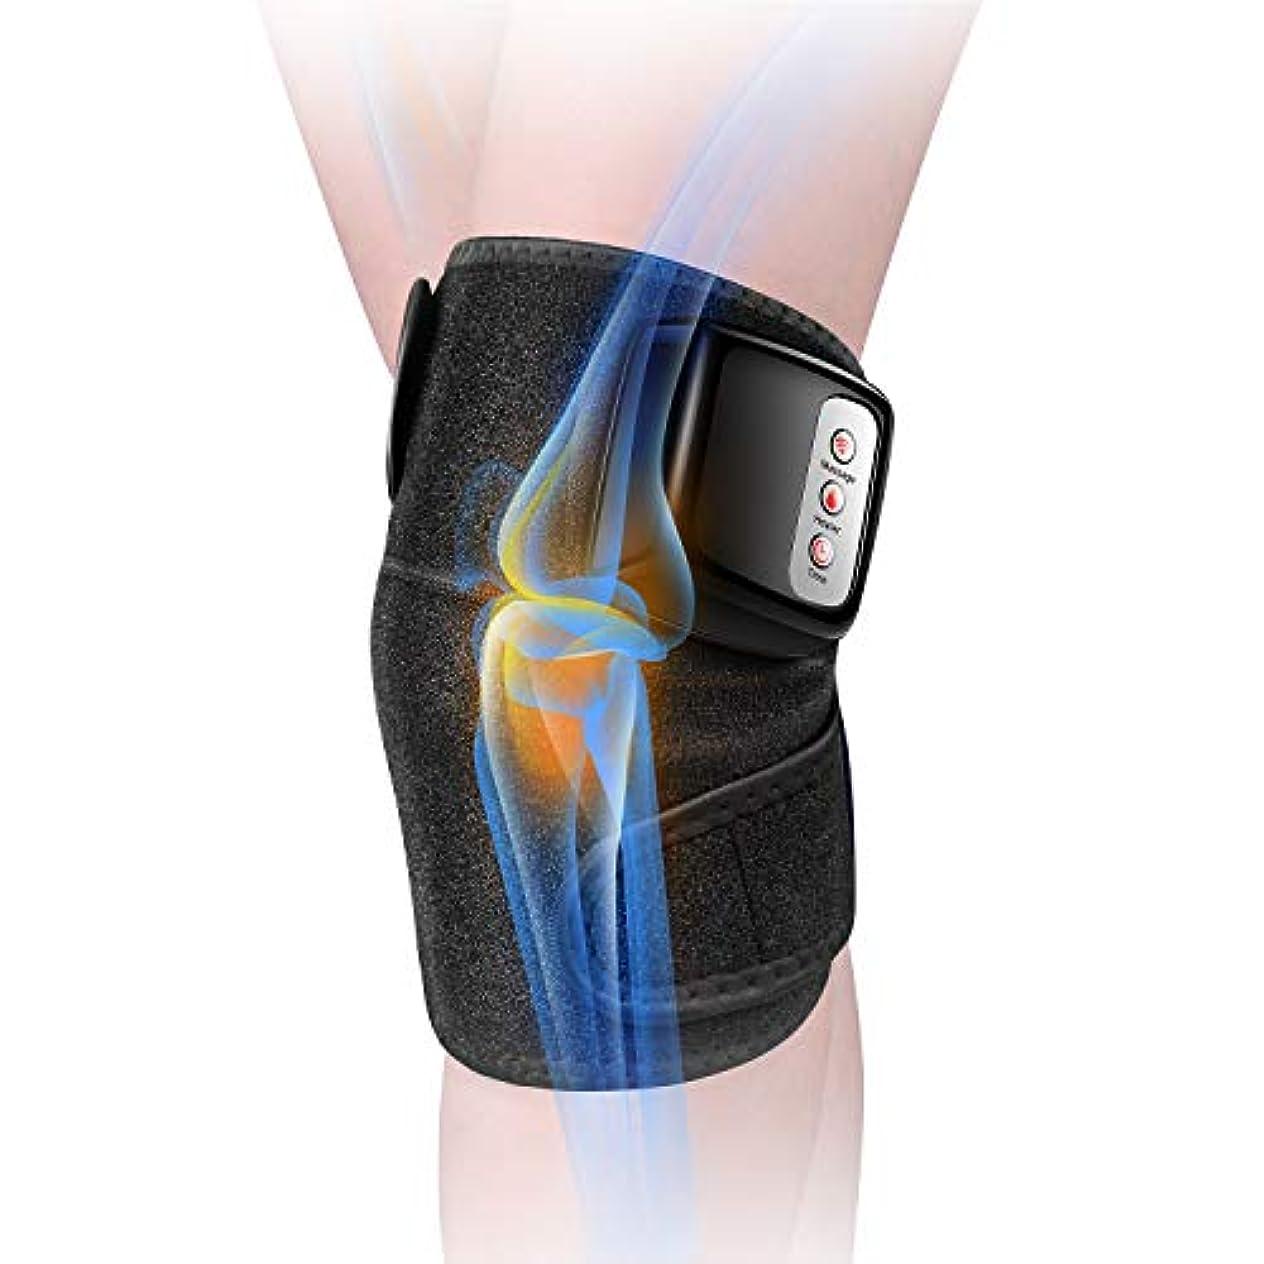 ラック統治可能ビスケット膝マッサージャー 関節マッサージャー マッサージ器 フットマッサージャー 振動 赤外線療法 温熱療法 膝サポーター ストレス解消 肩 太もも/腕対応